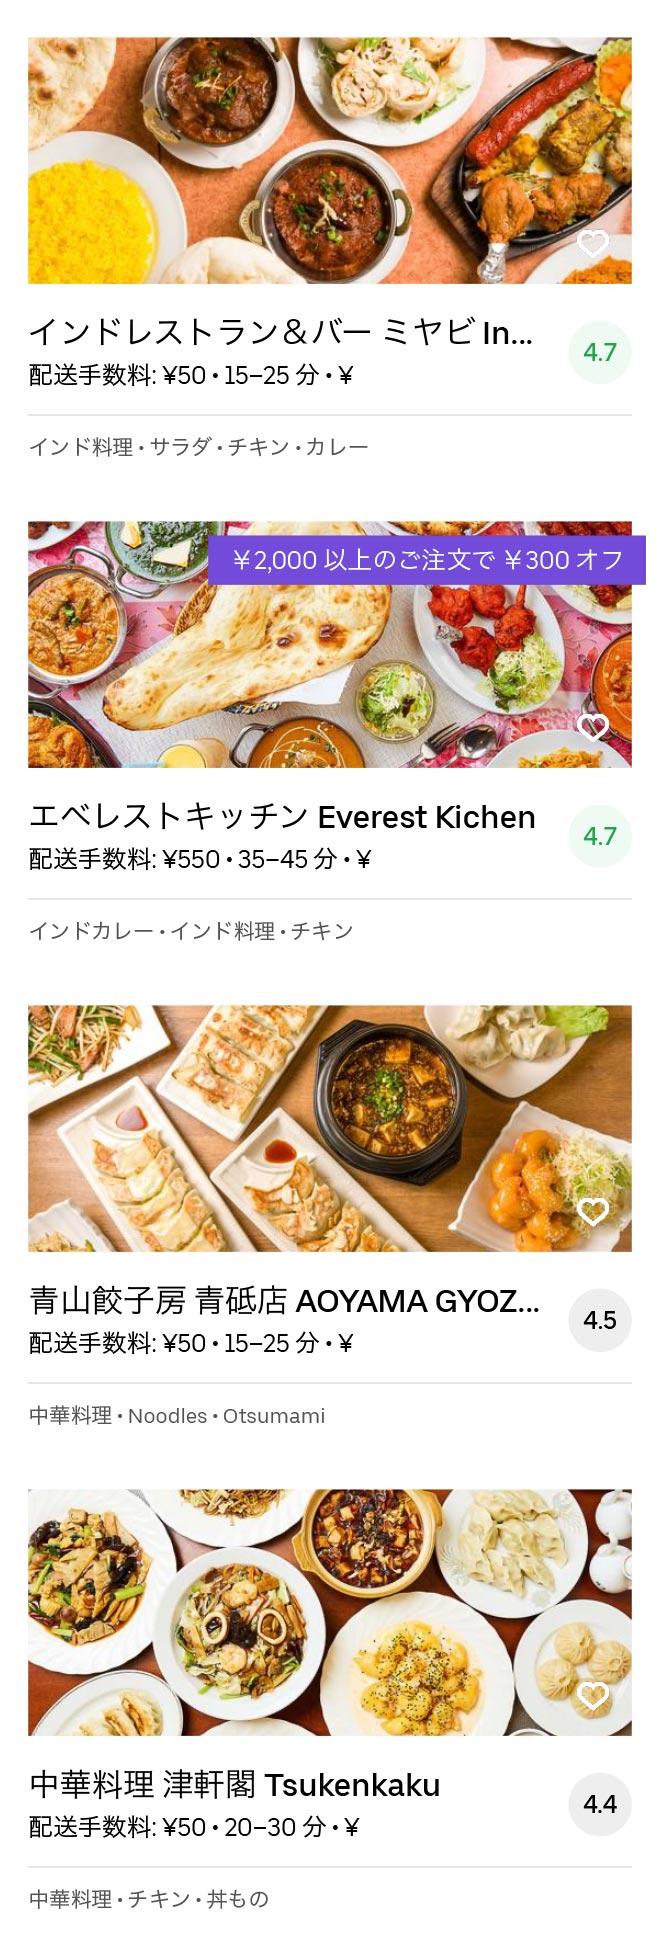 Tokyo aoto menu 2005 09